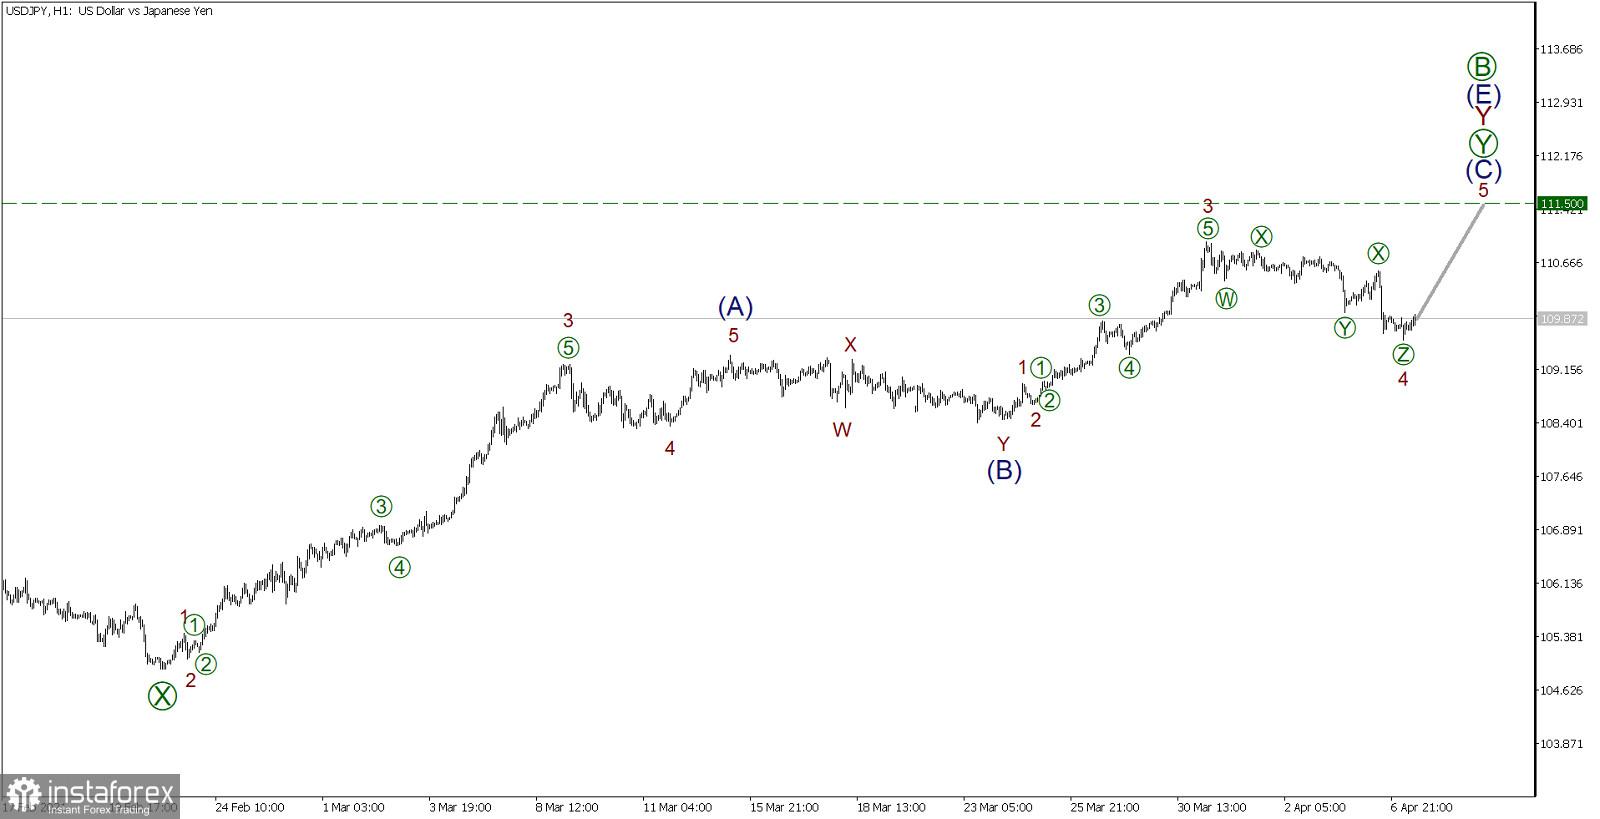 Прогноза за USD/JPY на 7 април. Импулсът нагоре допълва общата тенденция